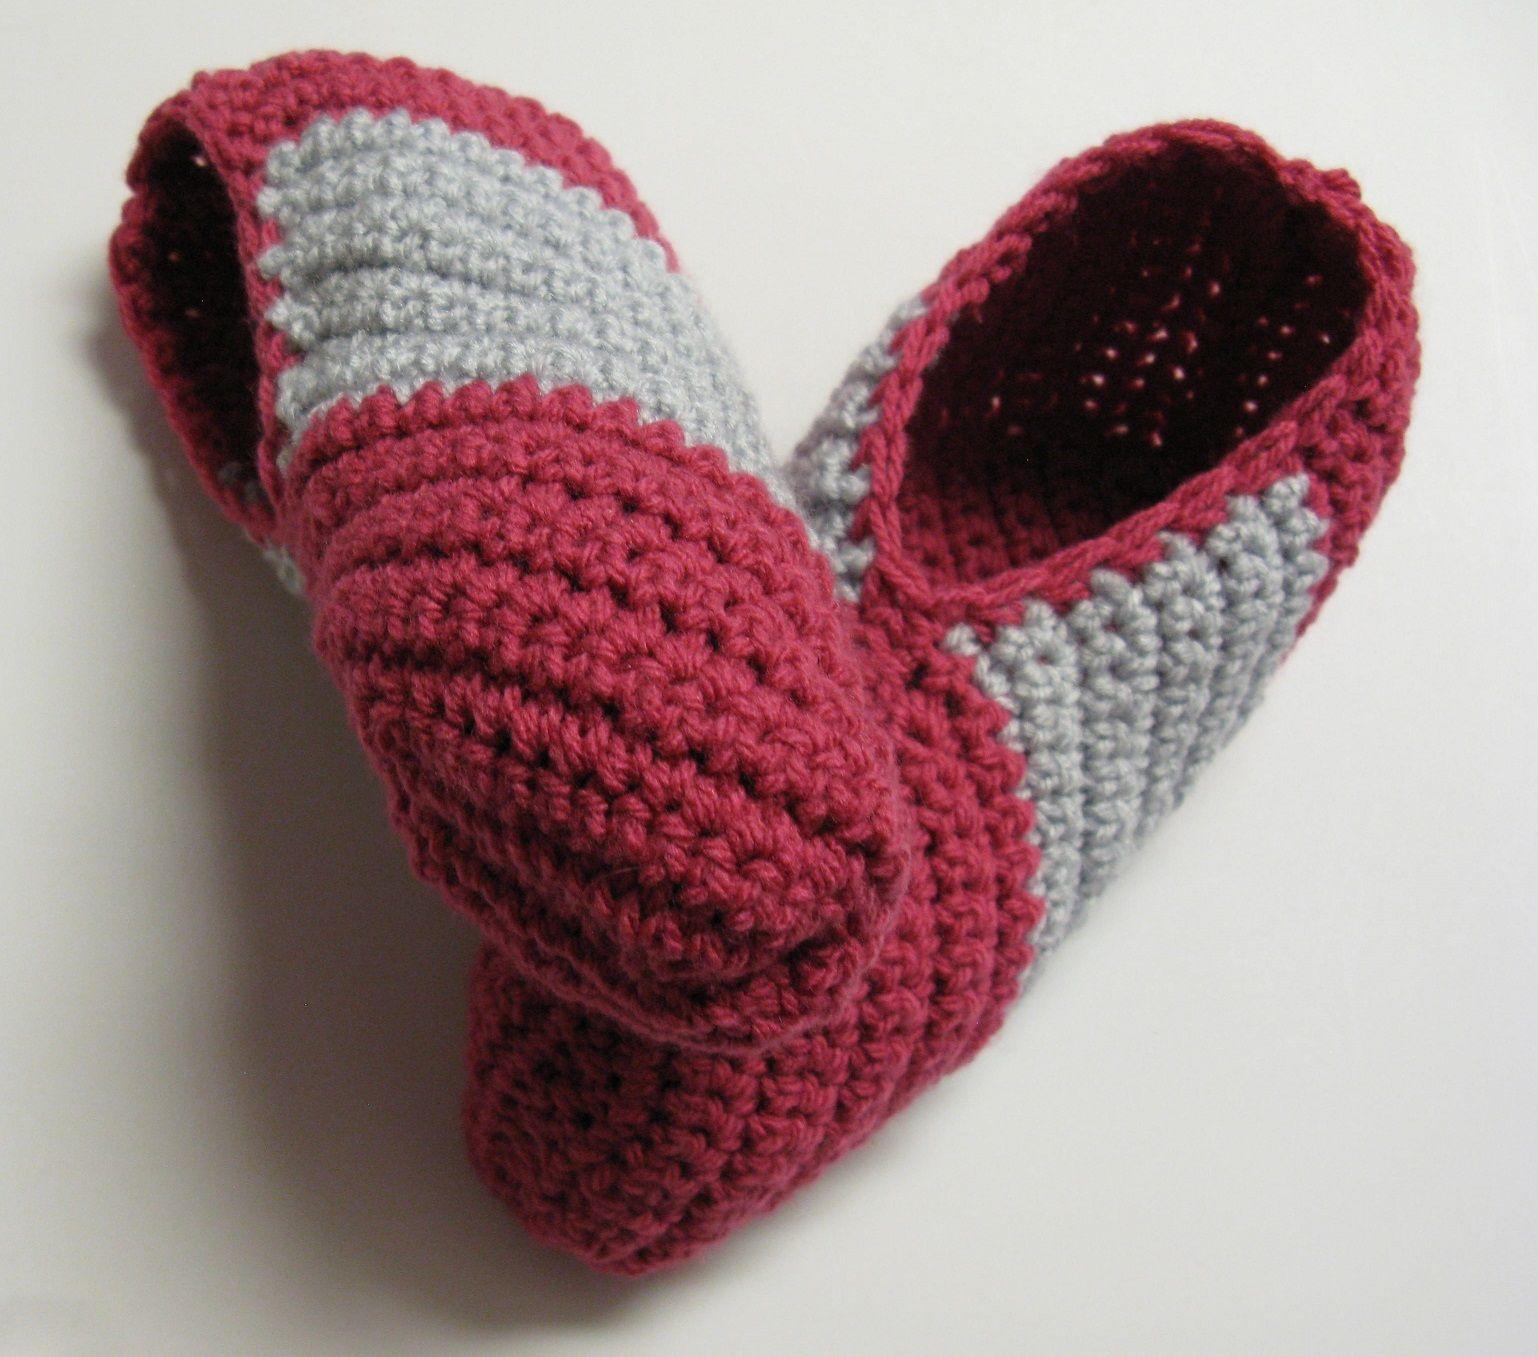 pantoufles chin es au tricot pantoufles pinterest. Black Bedroom Furniture Sets. Home Design Ideas